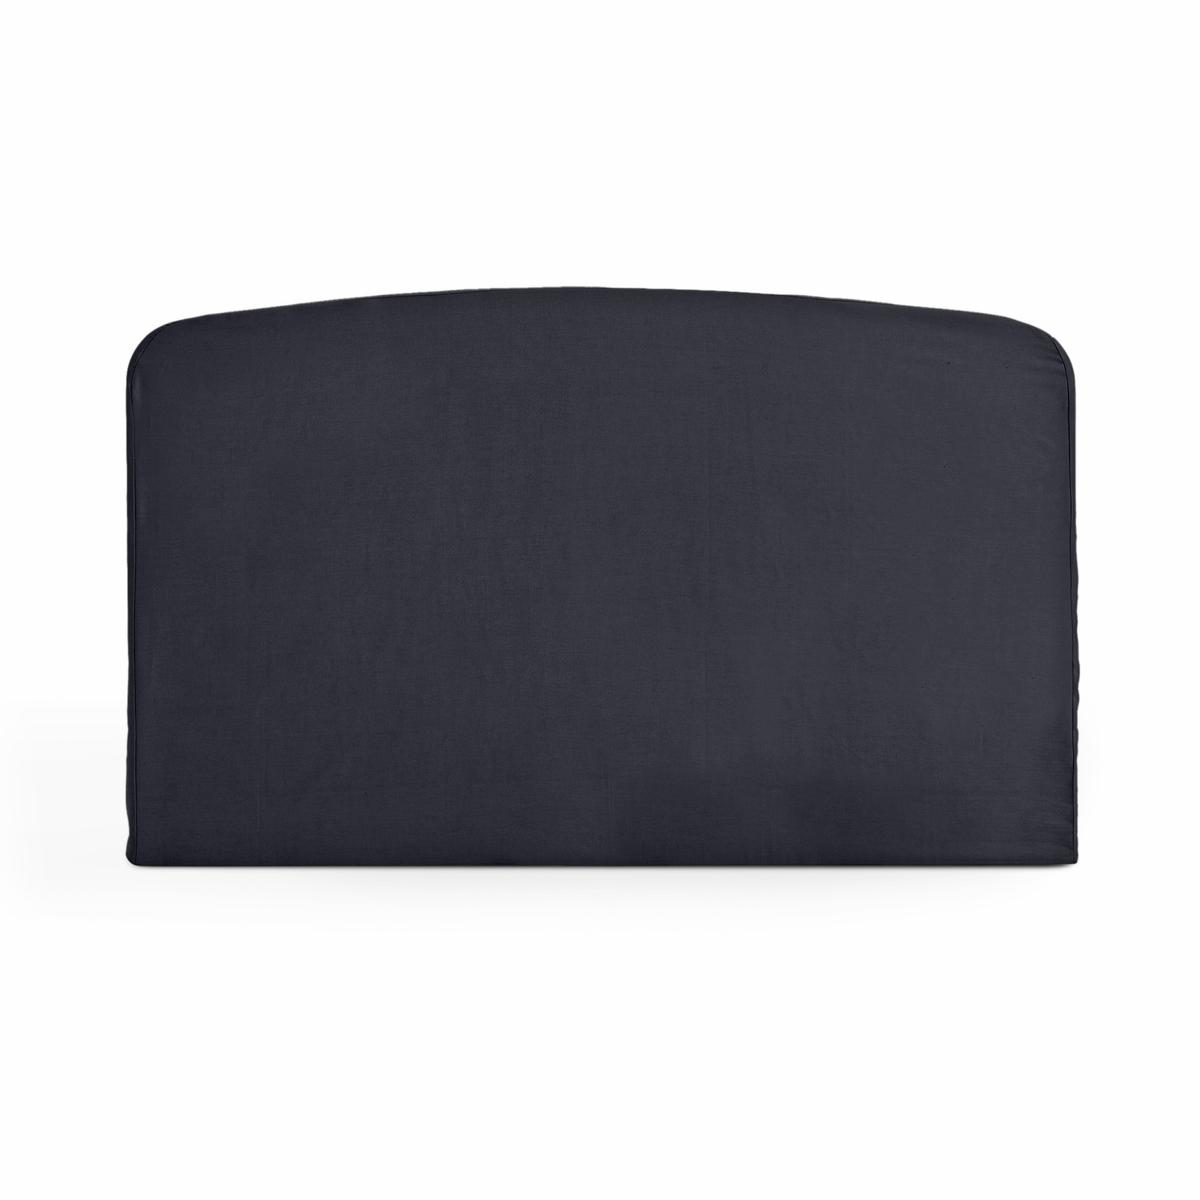 Чехол LaRedoute Для изголовья кровати округлой формы из хлопка Scenario 90 x 85 см черный чехол для изголовья кровати округлой формы